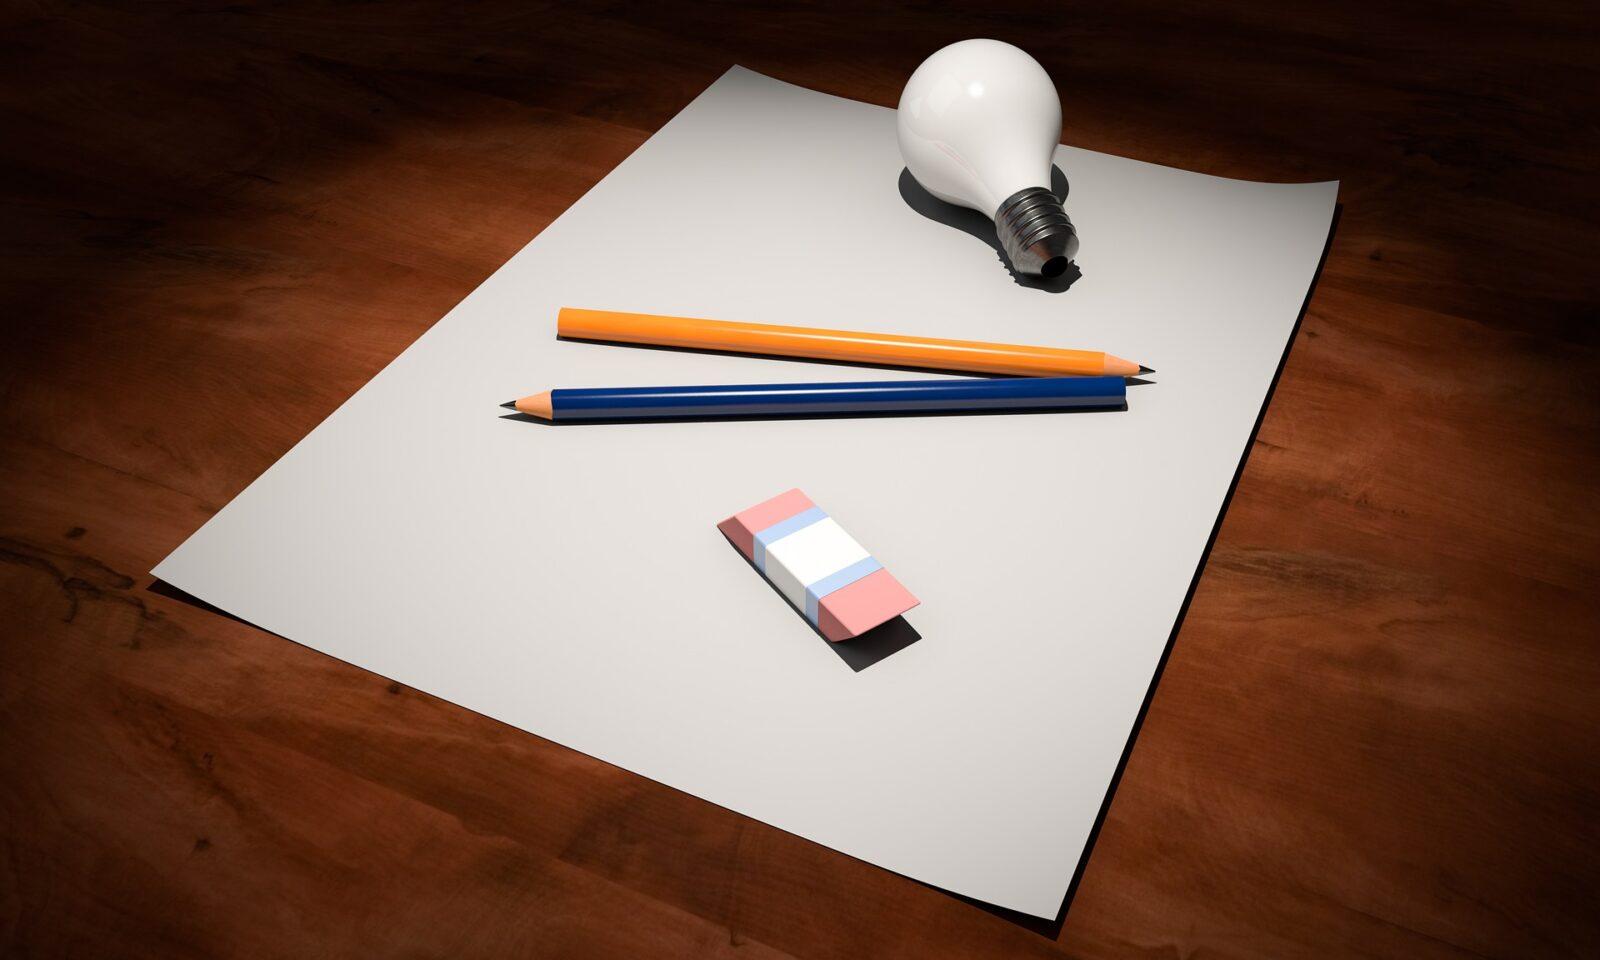 pink eraser, pencils and lightbulb on paper